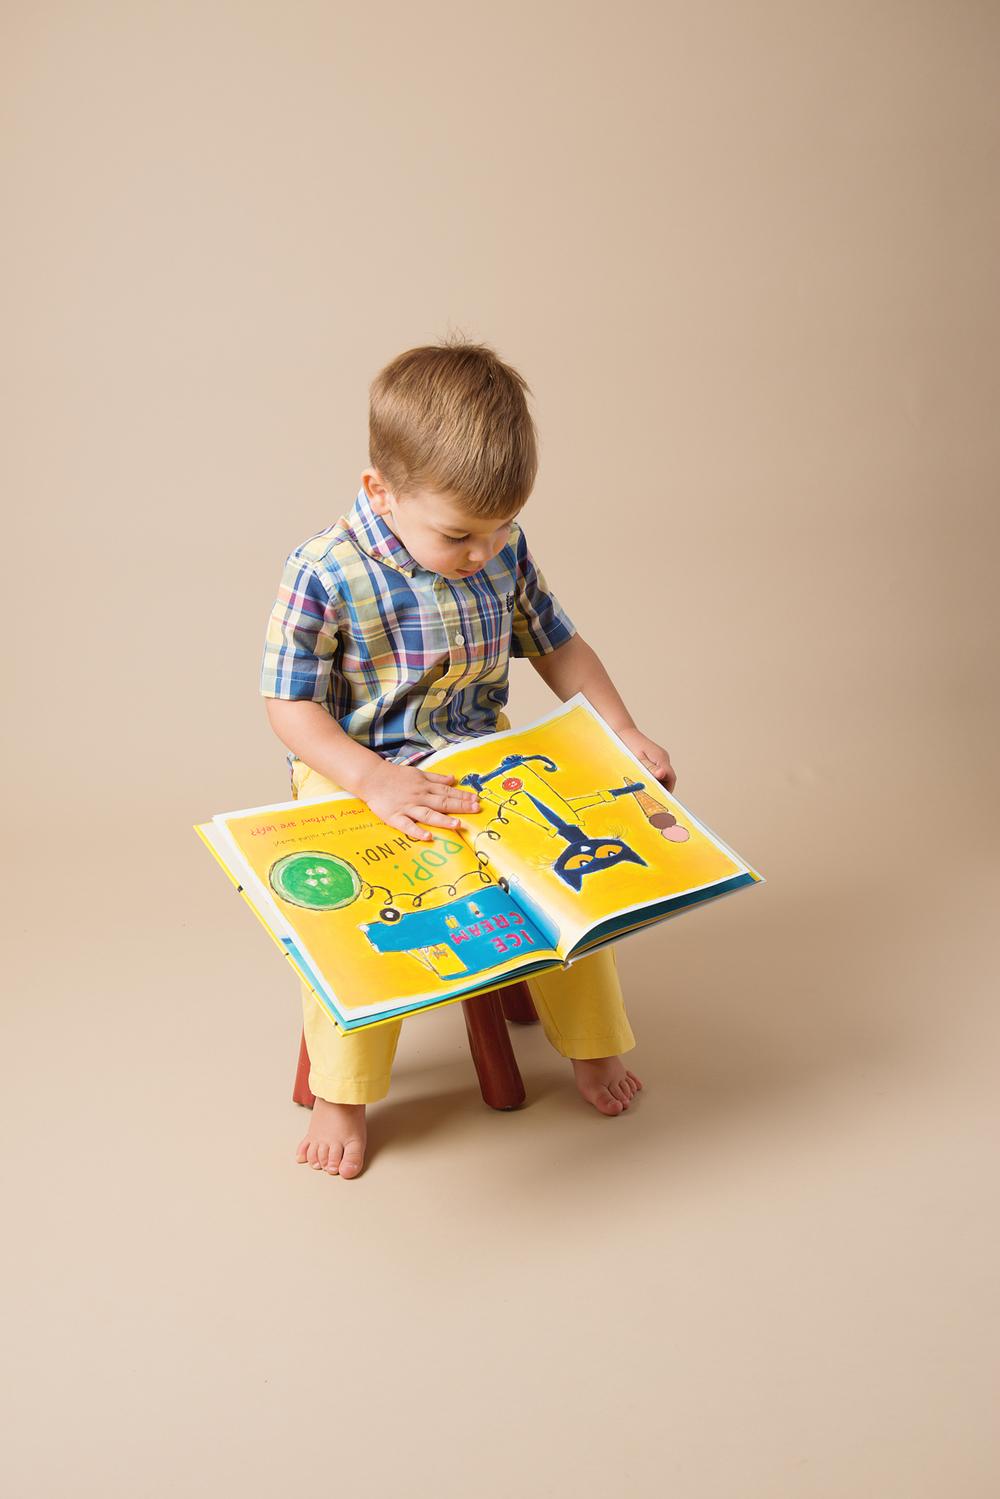 children's photographer-7.jpg